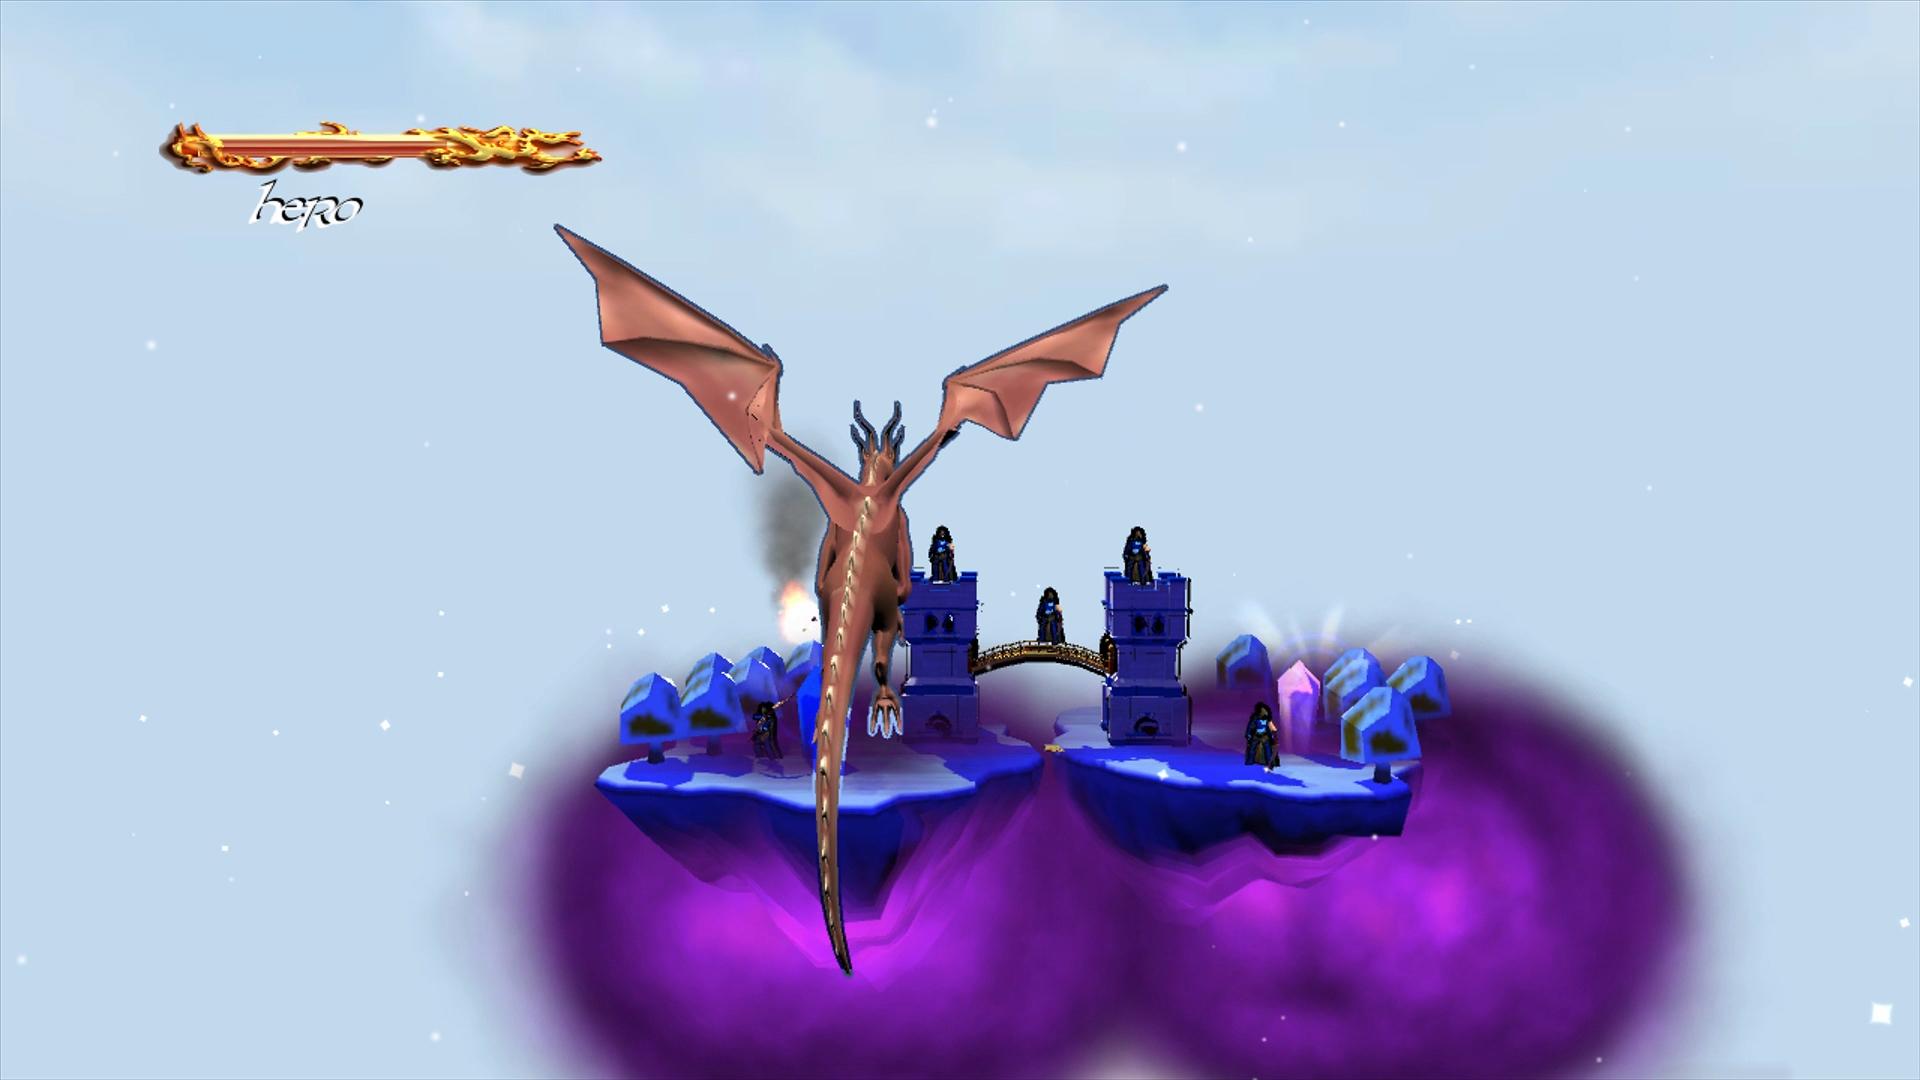 wings-of-magloryx-review-screenshot-2